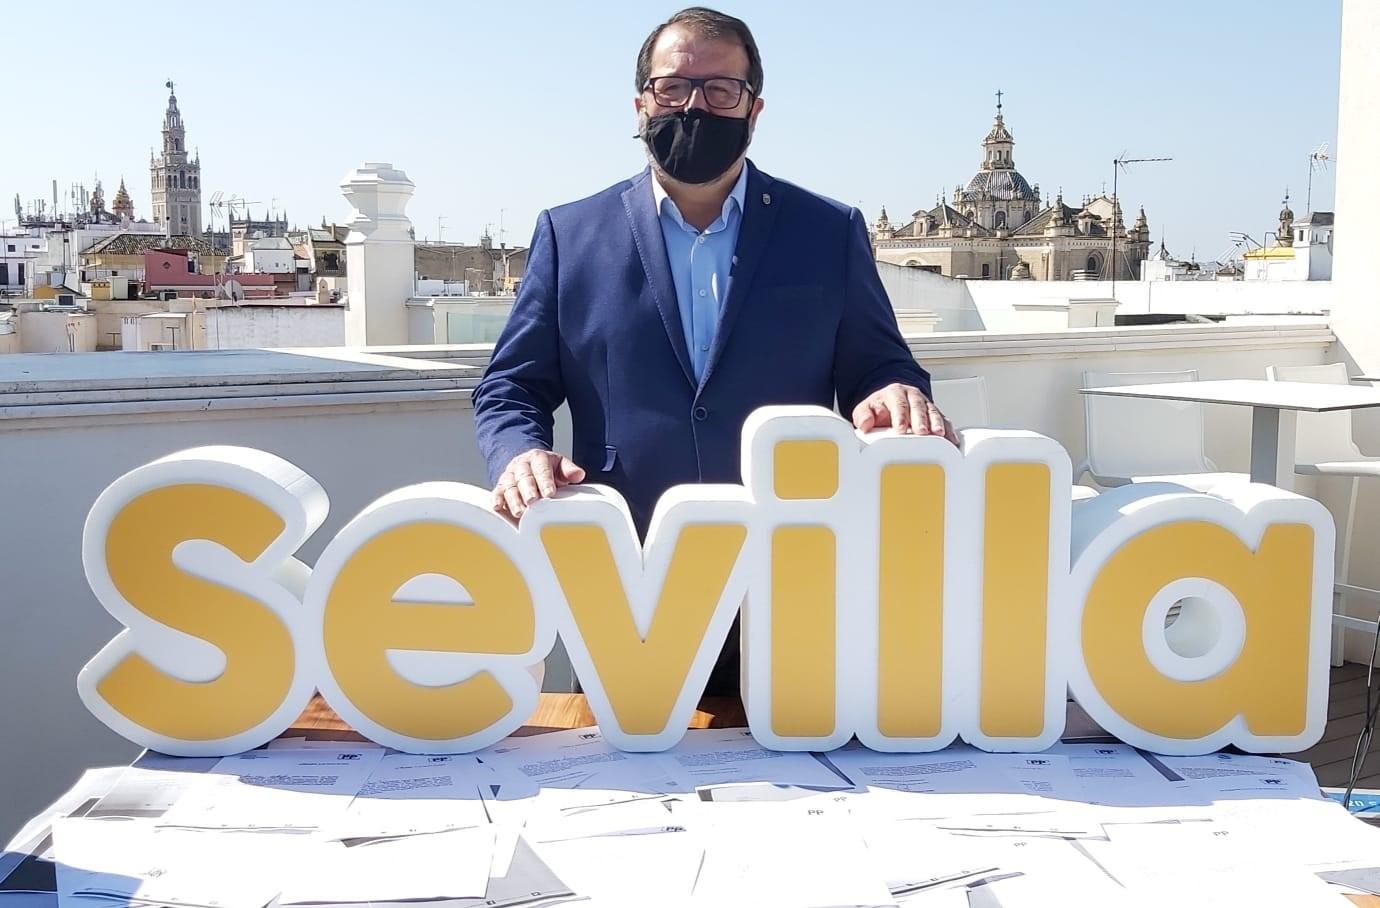 Sevilla.-La candidatura de Ávila dice que las dimisiones prueban que el comité carece de «independencia y transparencia»